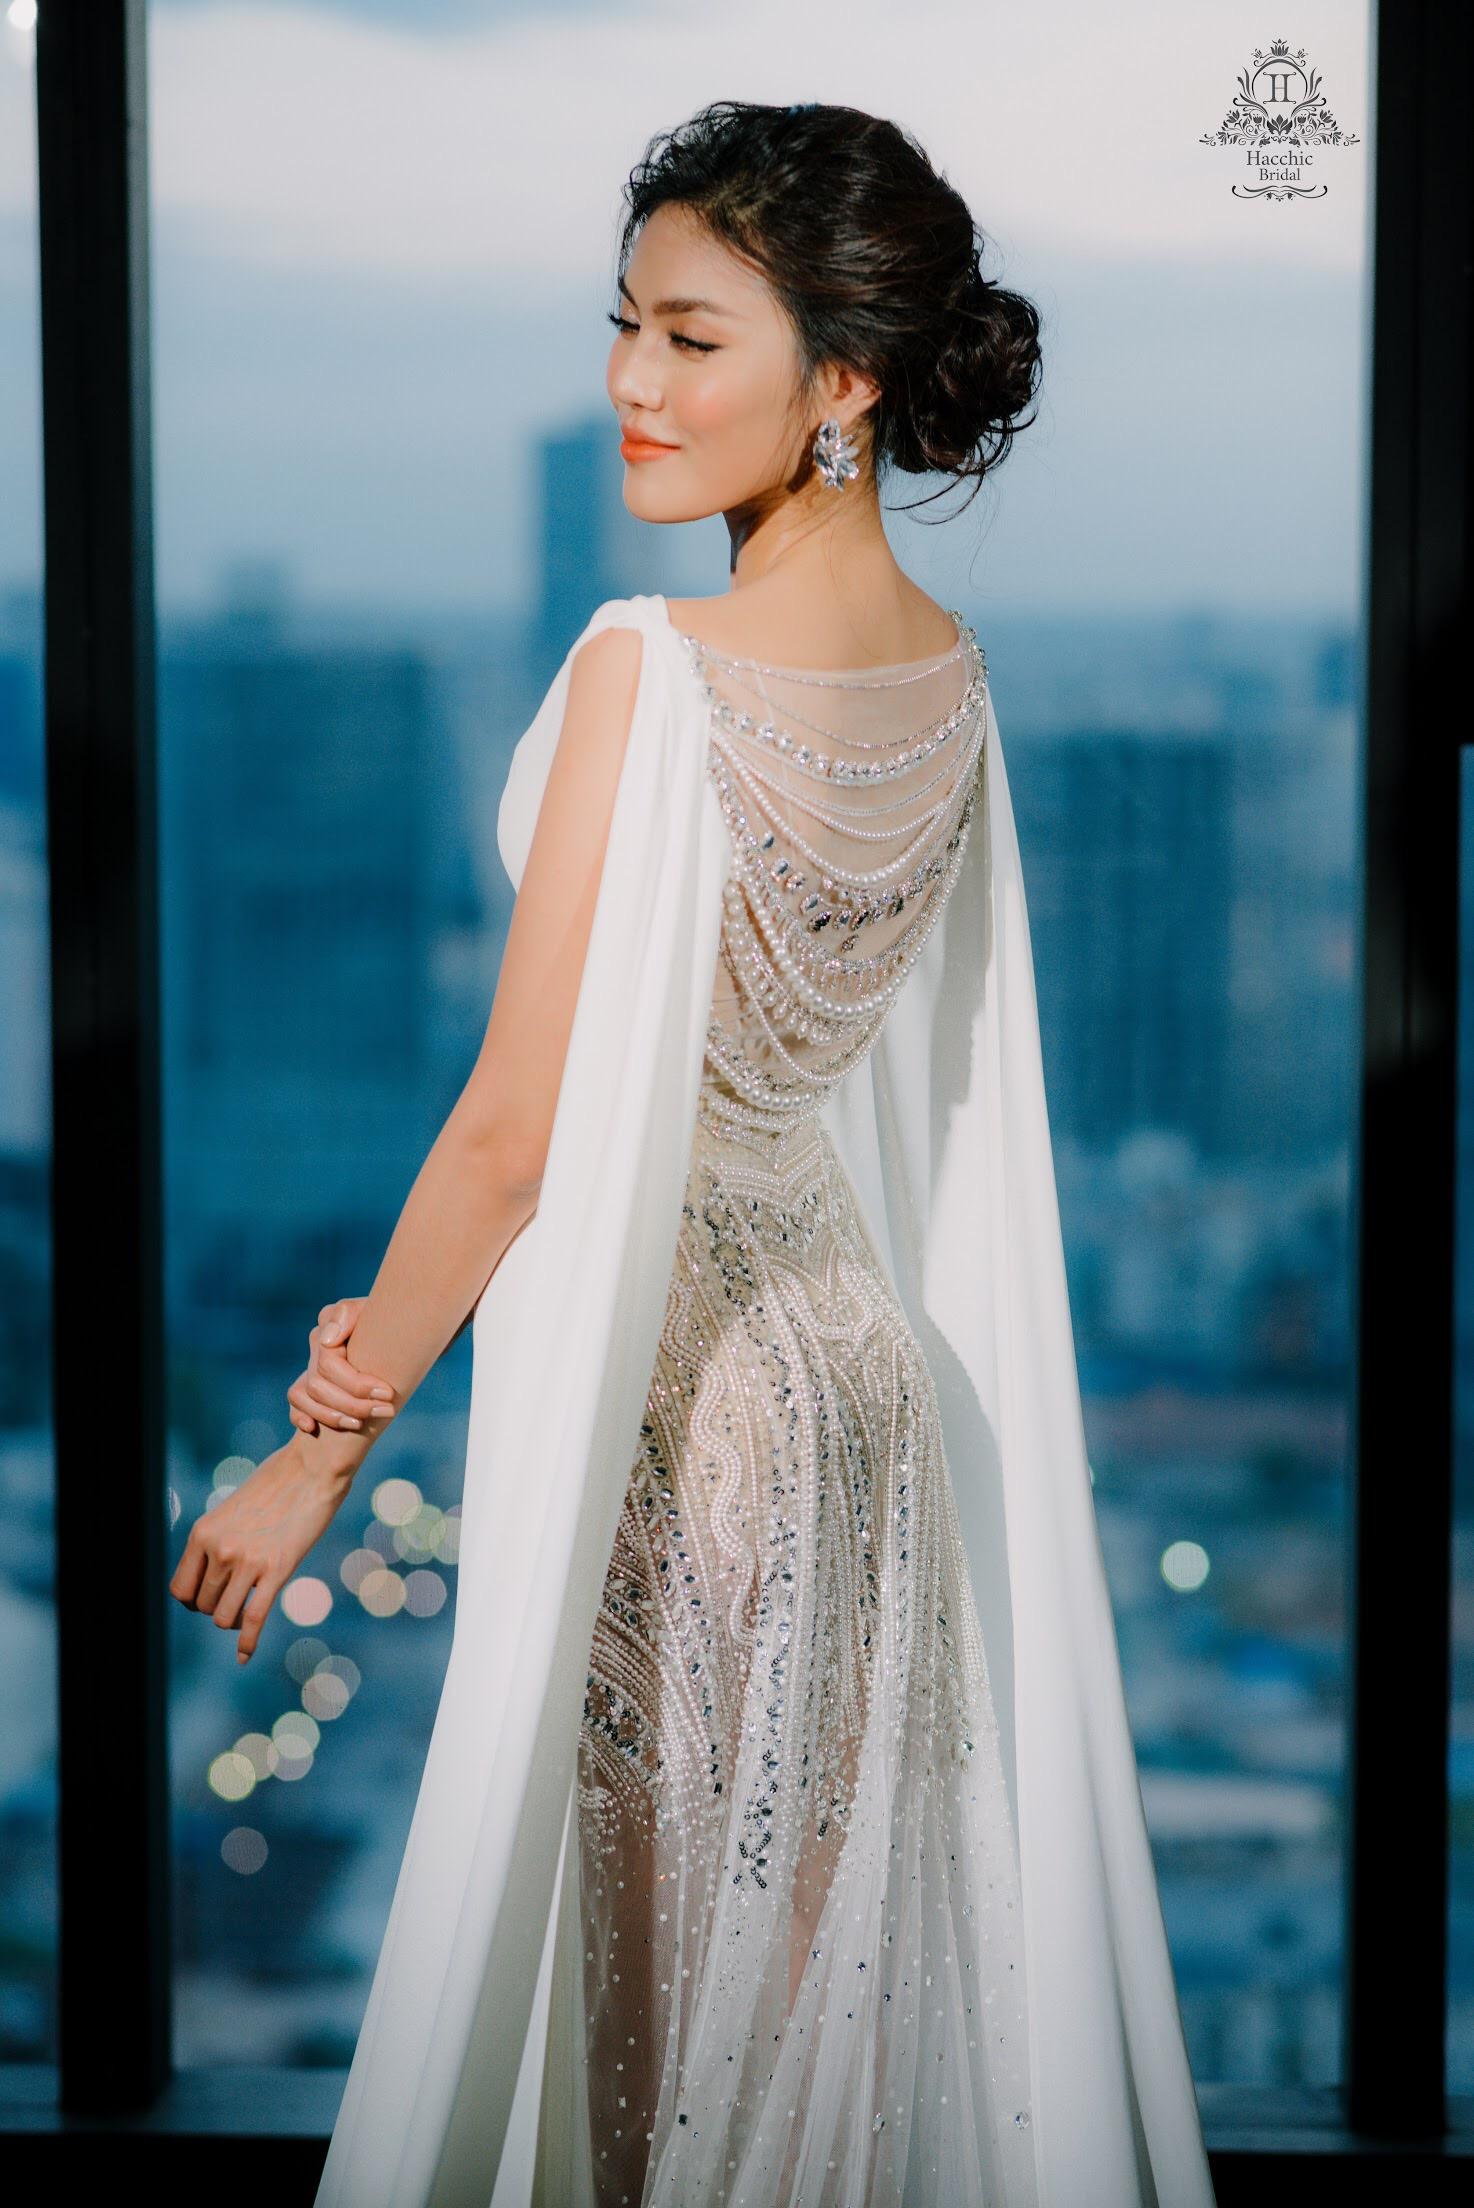 Váy cưới chính thức của Lan Khuê trị giá tới 500 triệu đồng đã được tiết lộ - Ảnh 7.